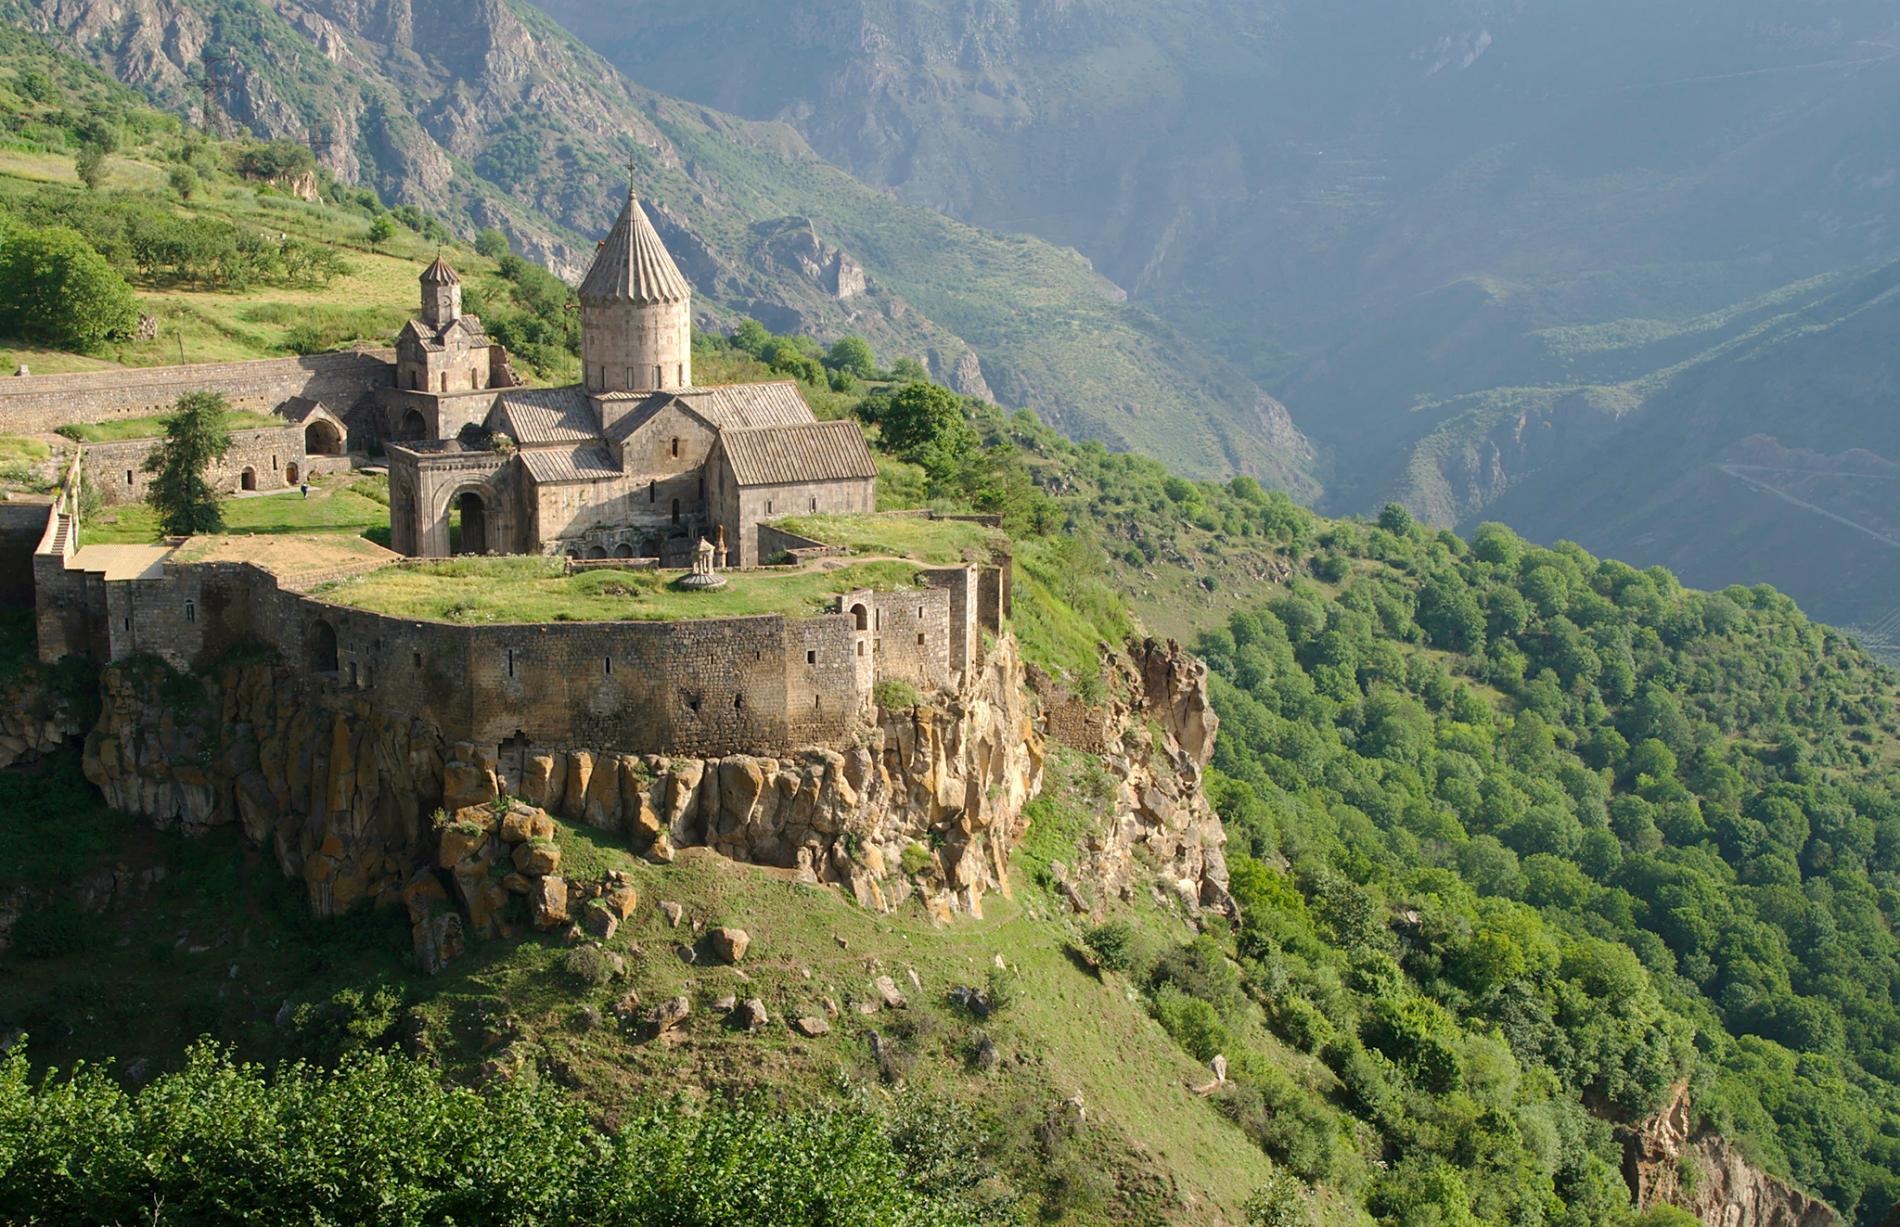 گرجستان یکی از کشورهای اکولوژیک متنوع در جهان است